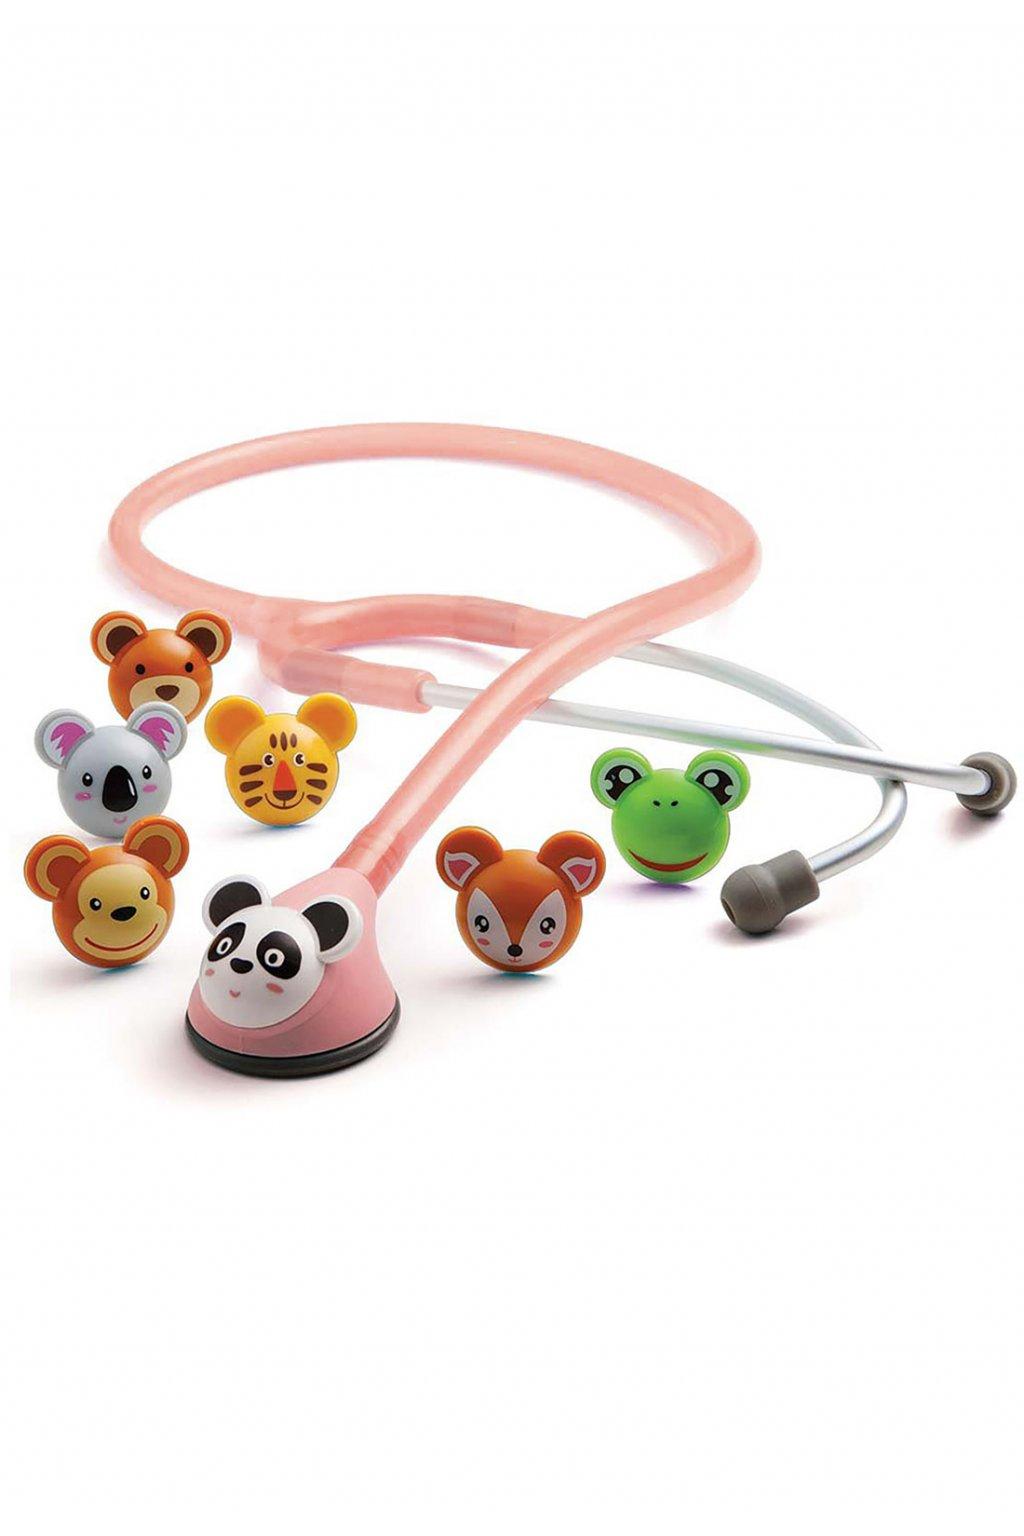 fonendoskop-pediatricky-adc-ad618-p-01